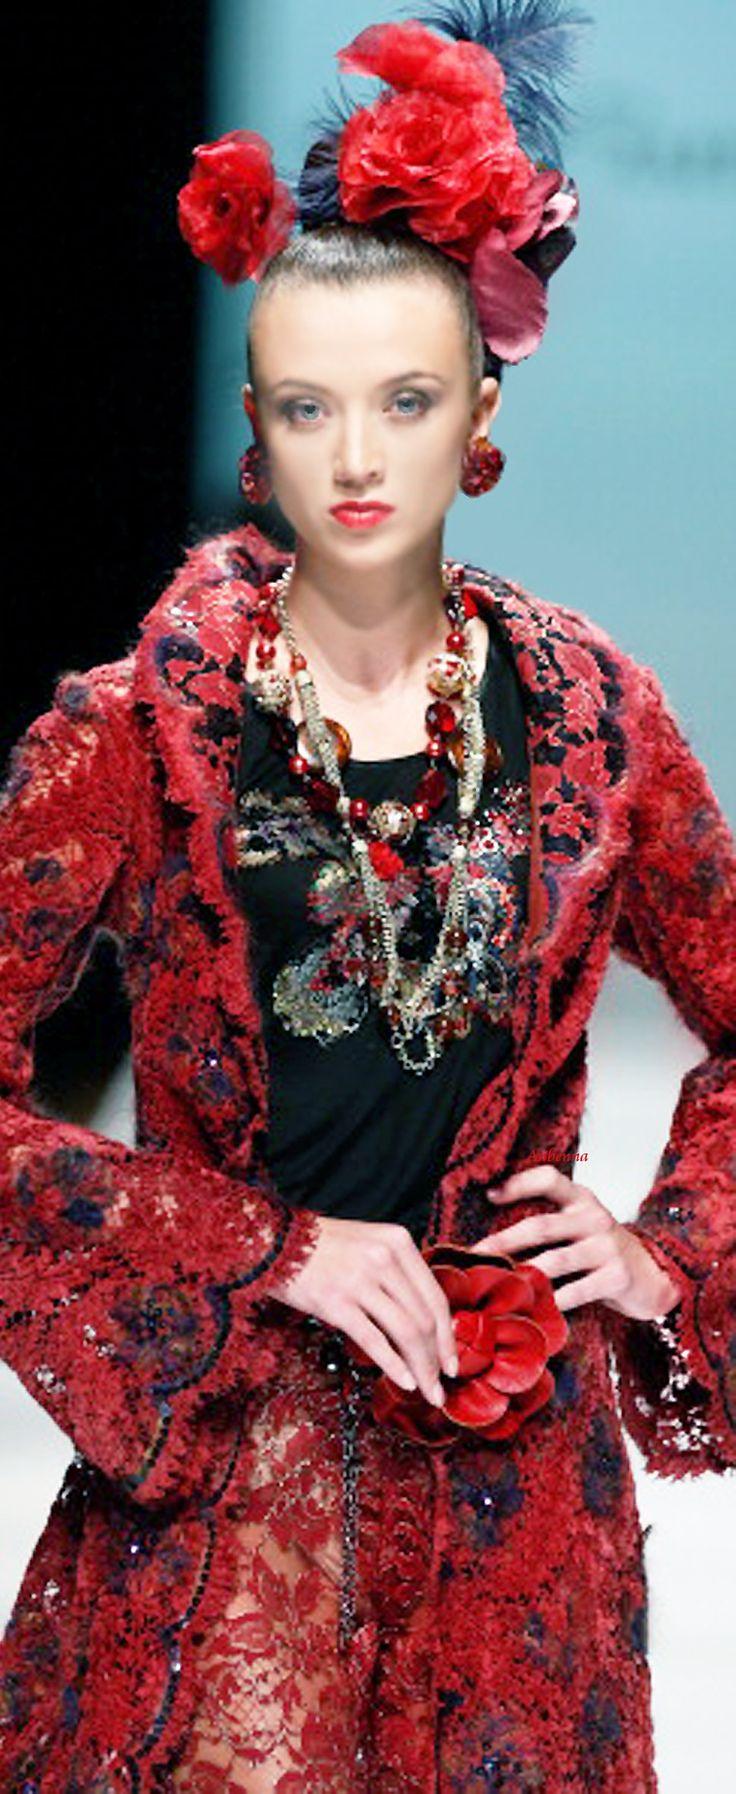 SLAVA ZAITSEV Haute Couture (Rus.)